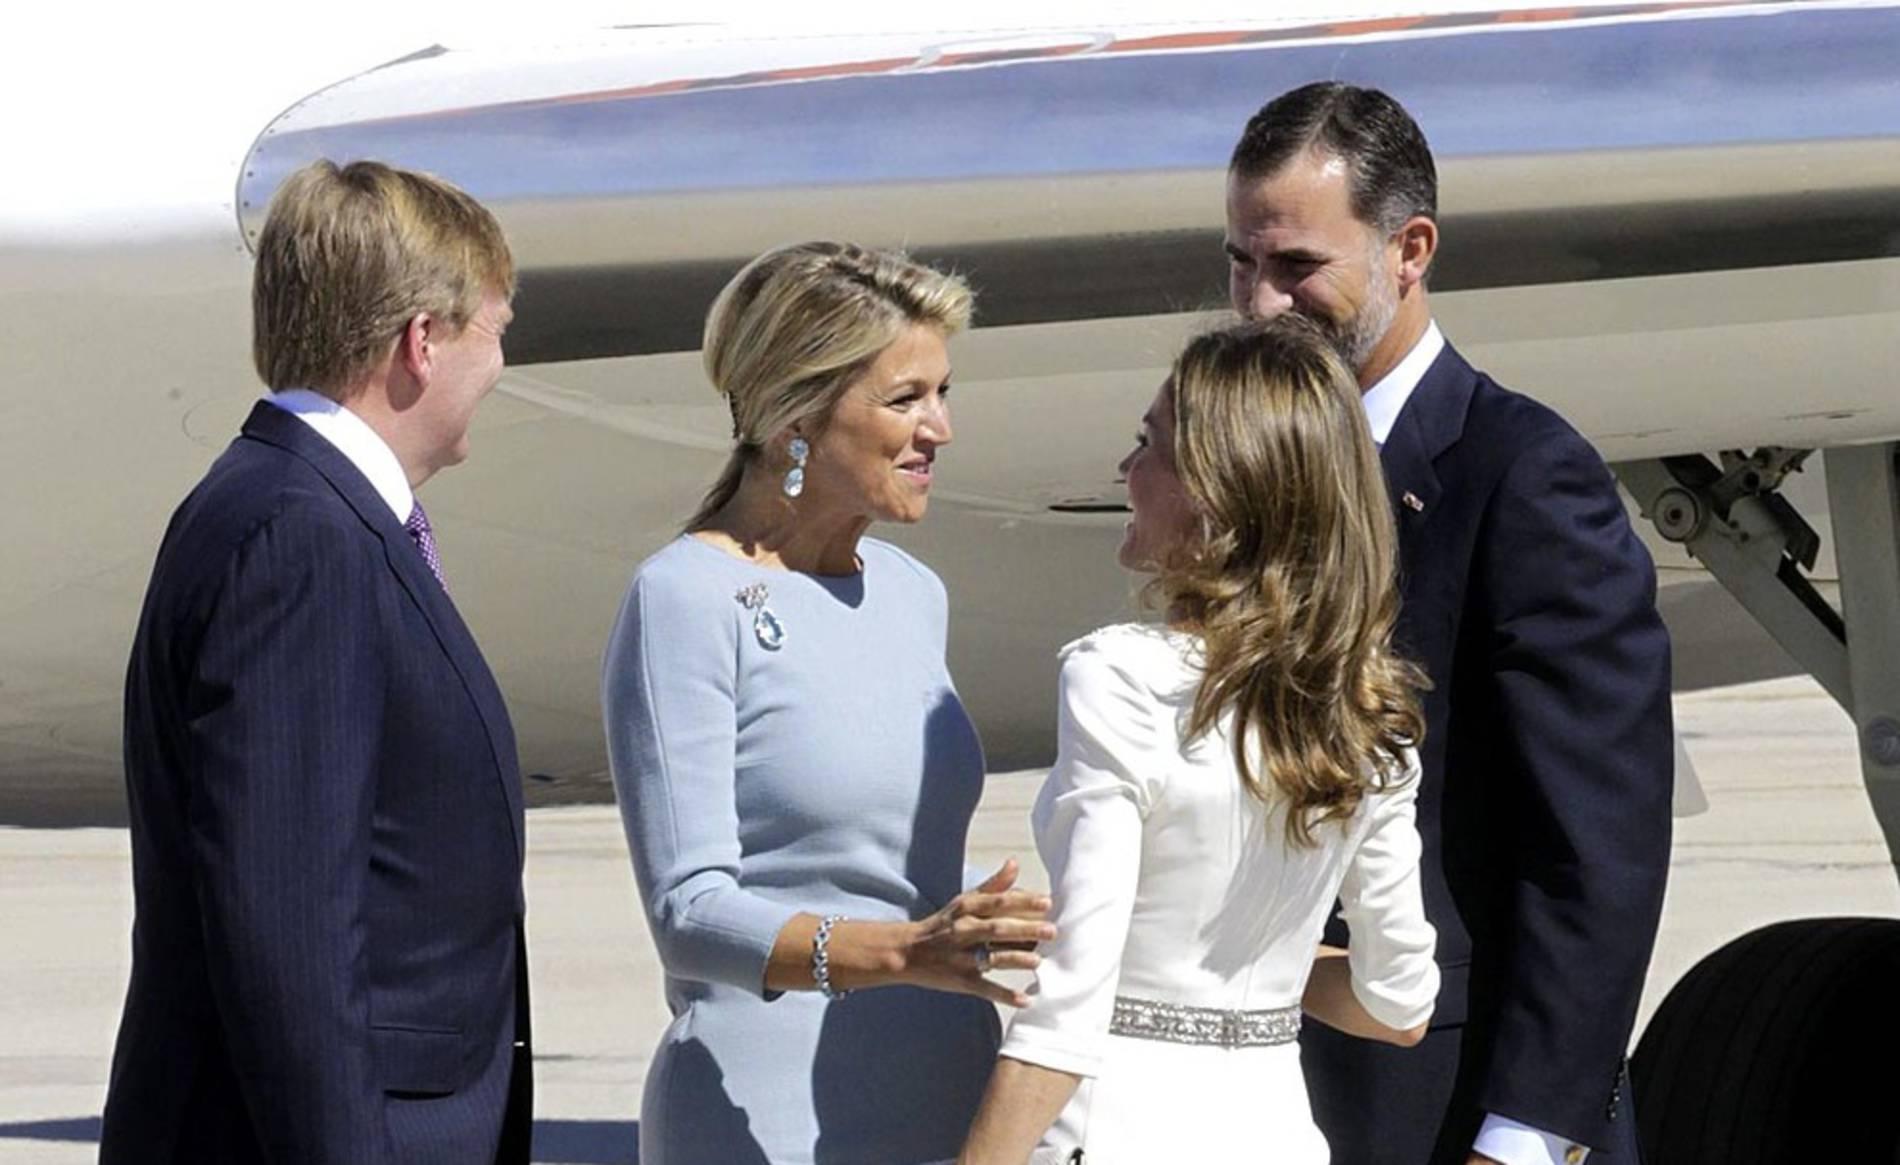 Visita de los Reyes de Holanda a España (1/32) - El rey Guillermo Alejandro de Holanda ha pilotado el avión en el que ha llegado con su esposa Máxima a la base aérea de Torrejón, donde les han recibido a pie de escalerilla los Príncipes de Asturias. - Nacional -